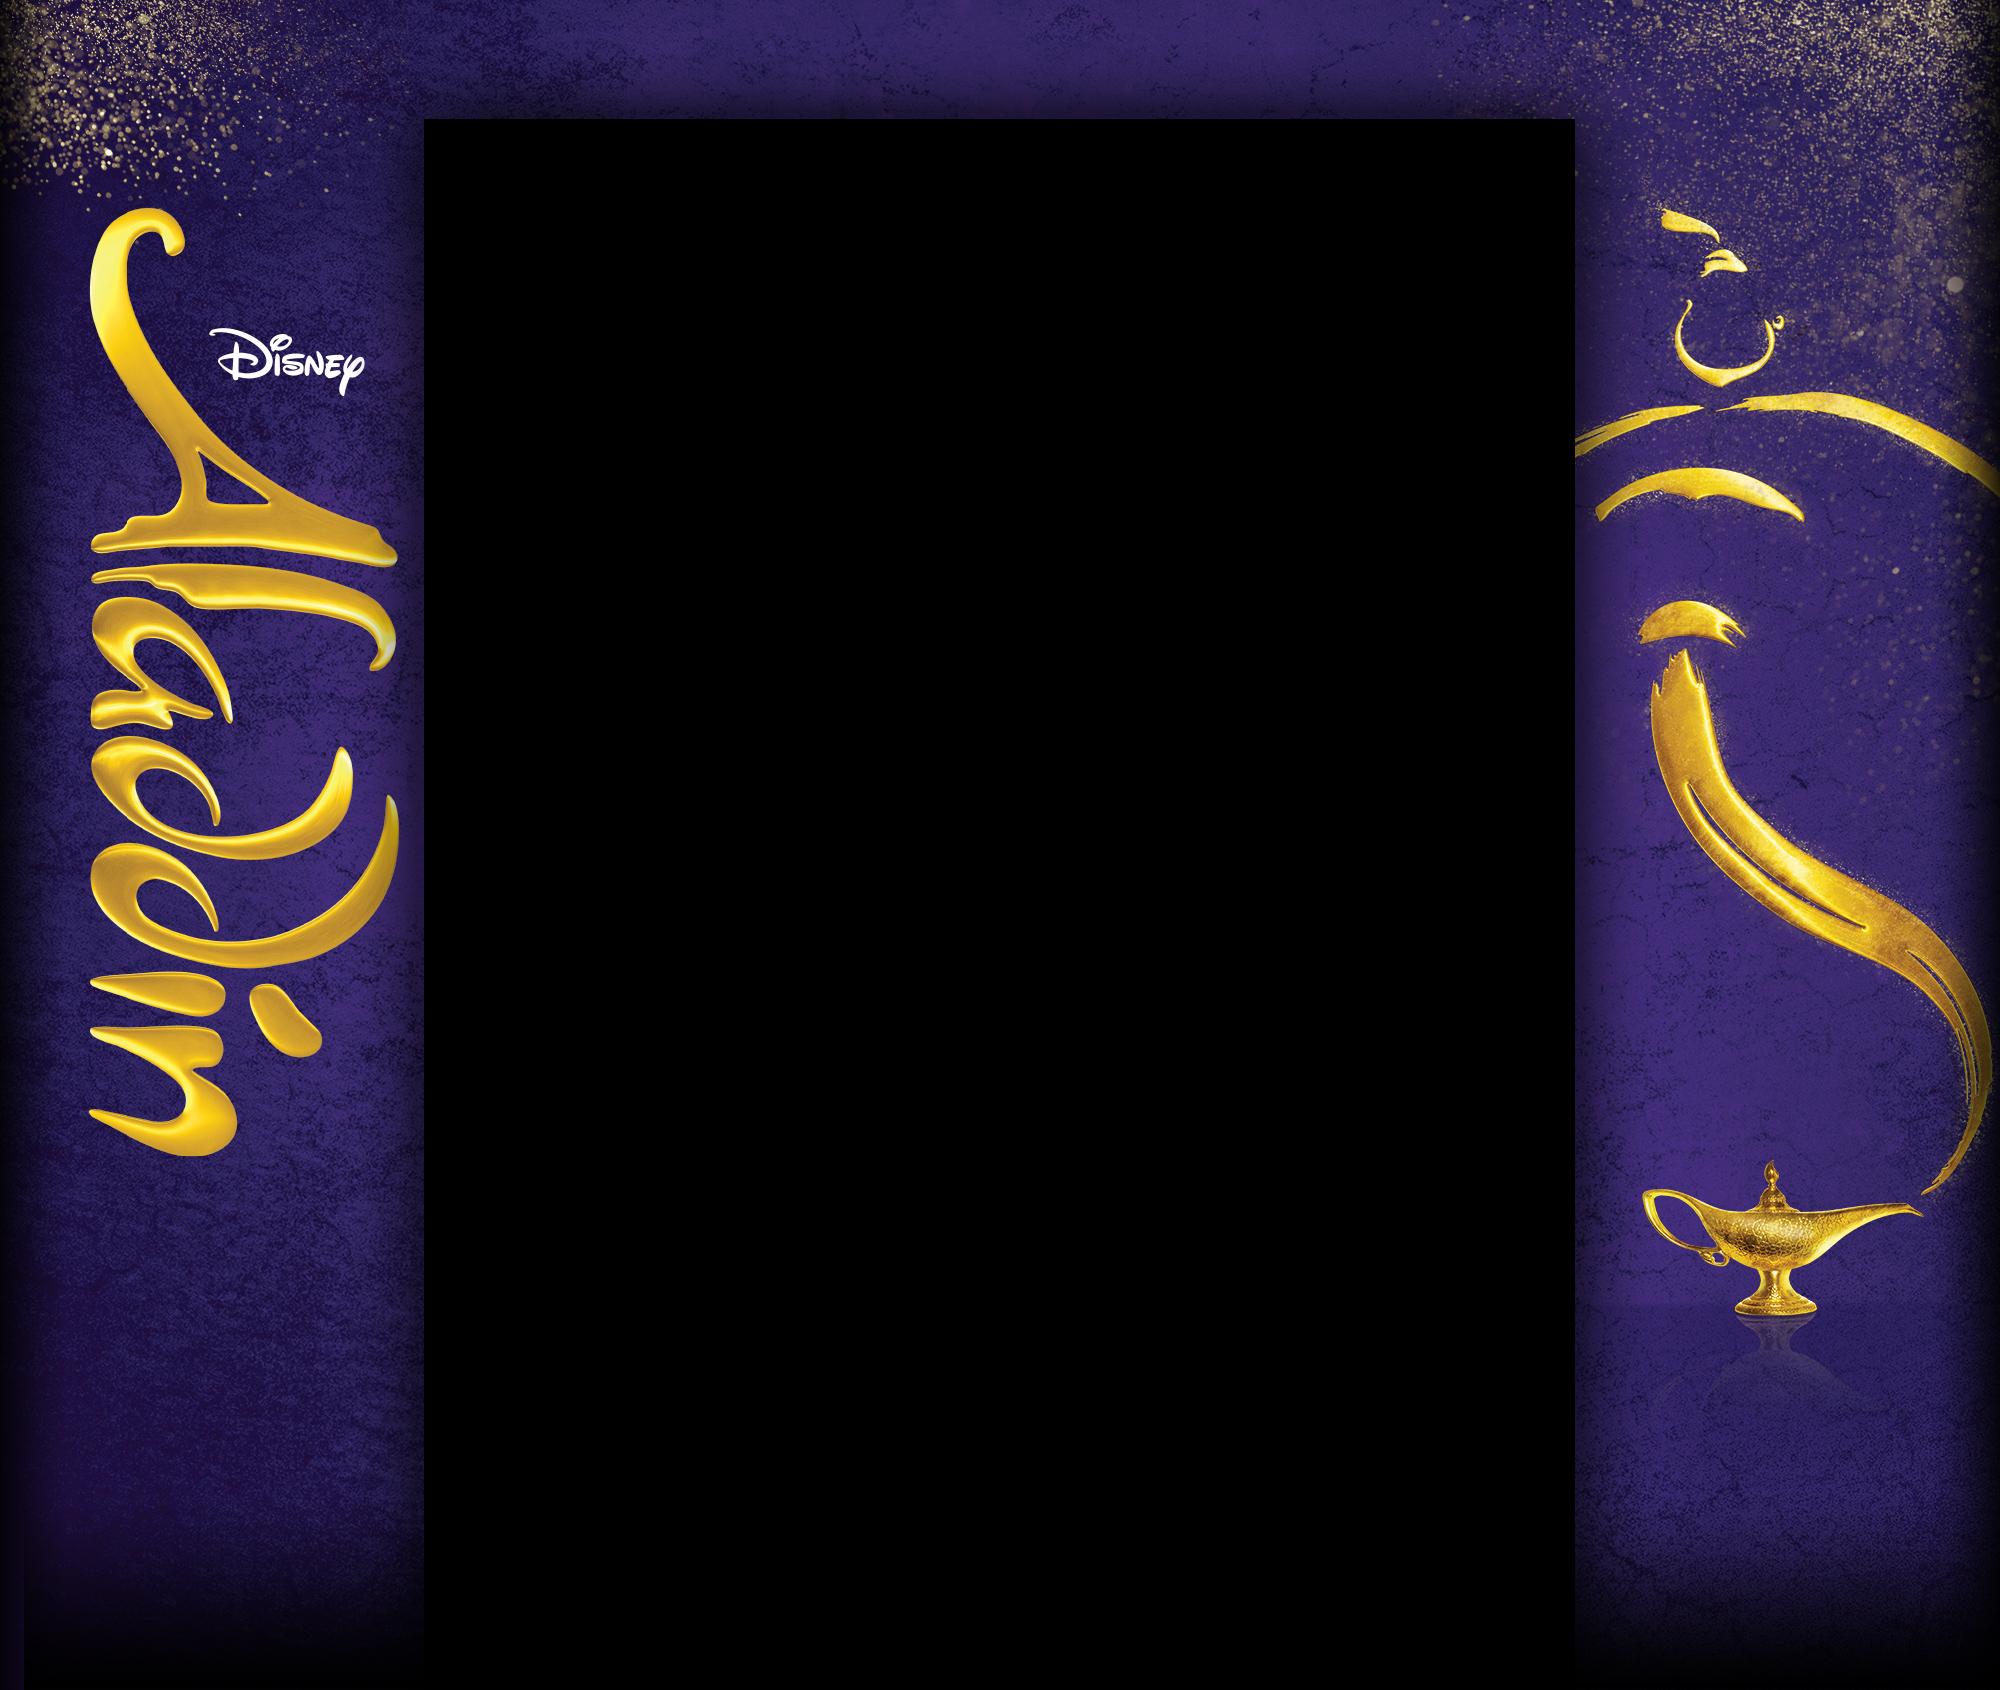 aladdin-background-v2.jpg